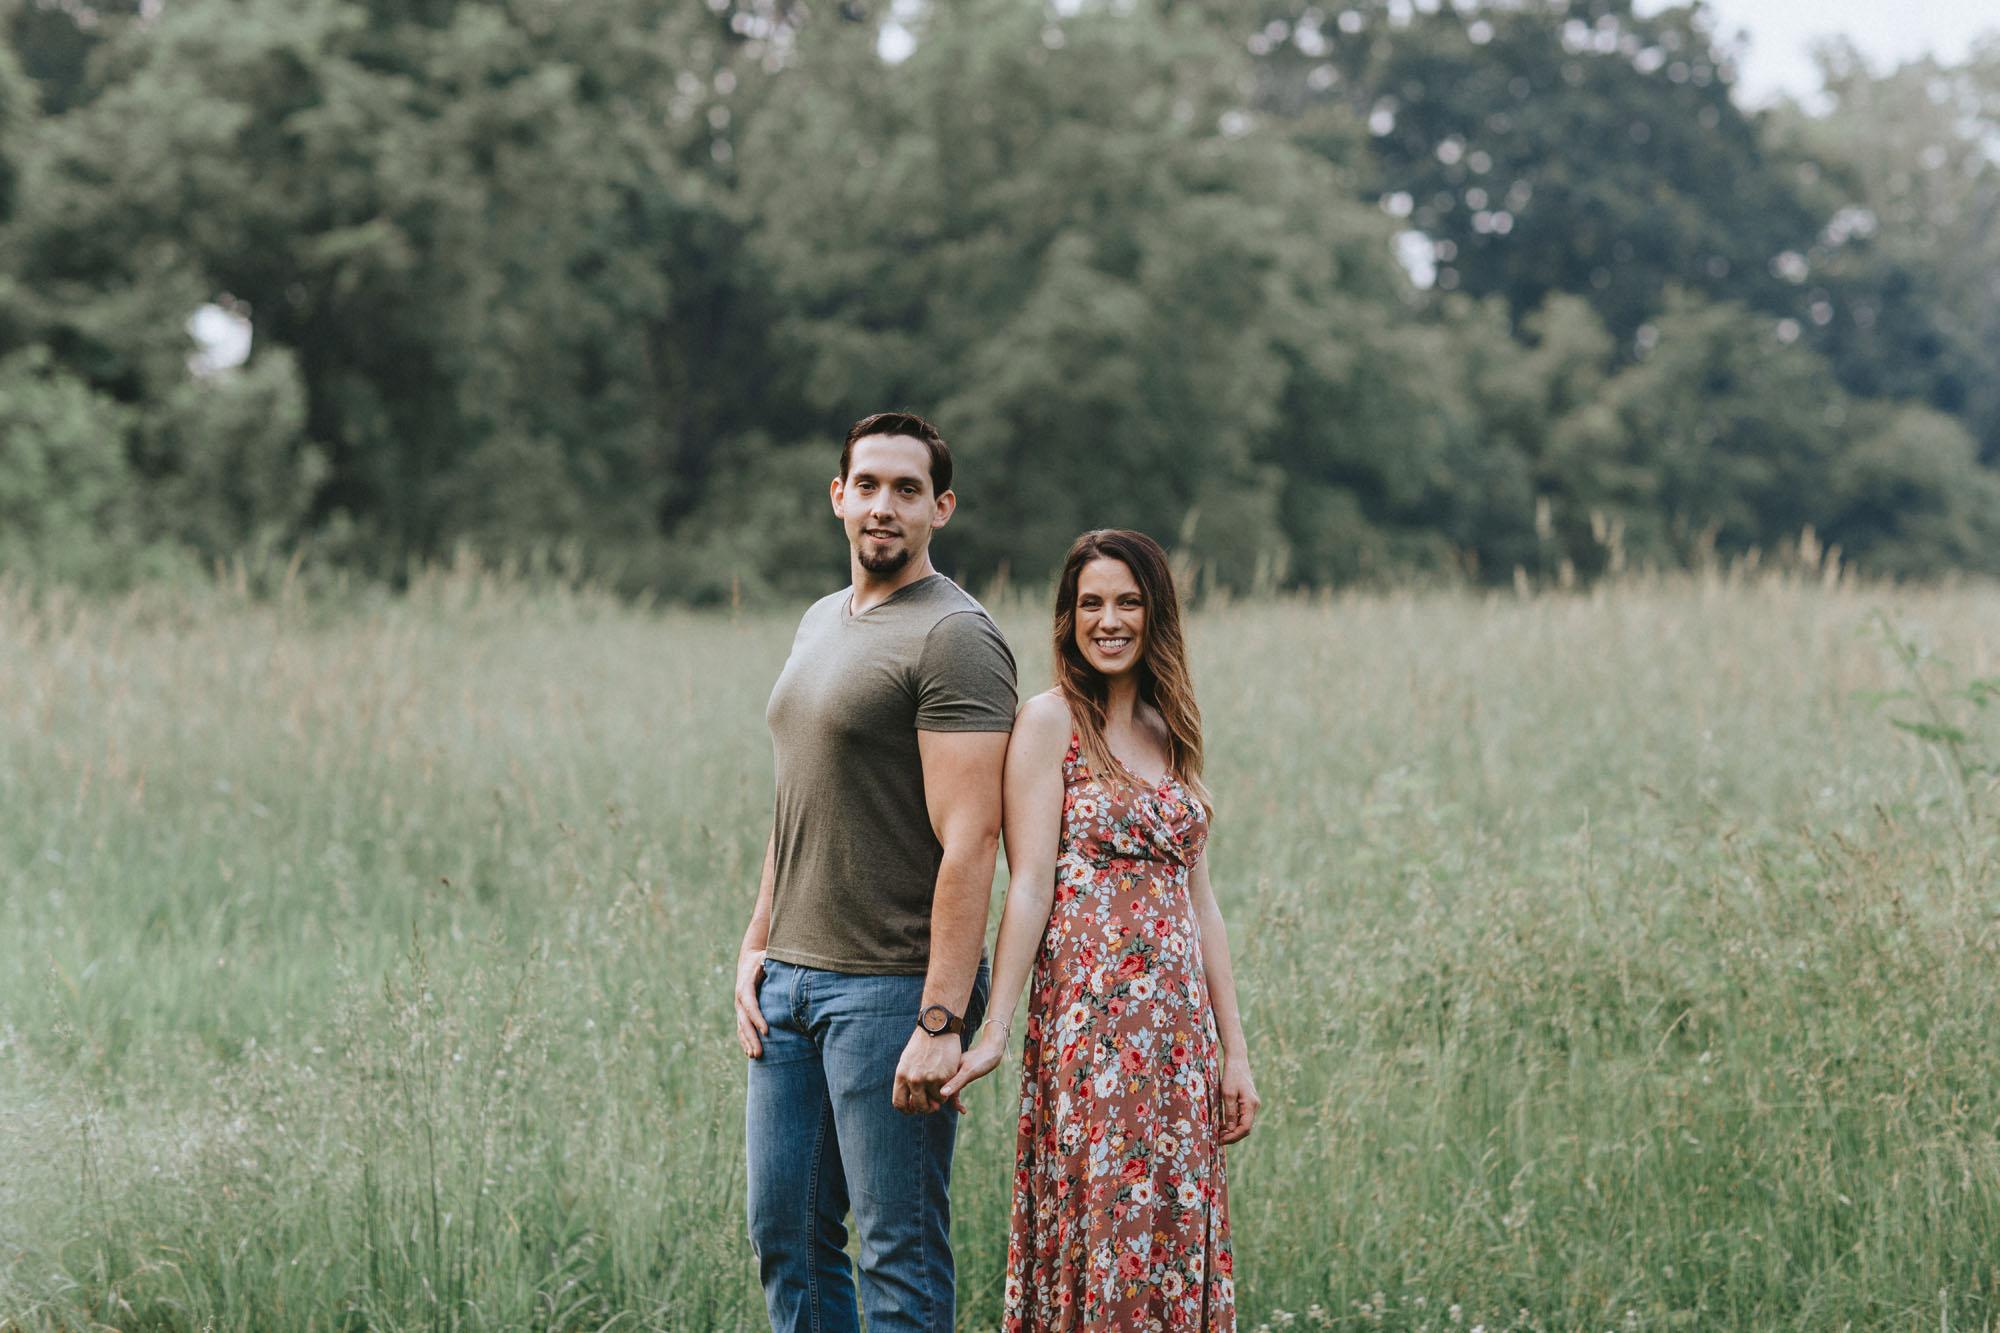 Twisted-Oaks-Studio-Tyler-Park-Engagement-0012.jpg